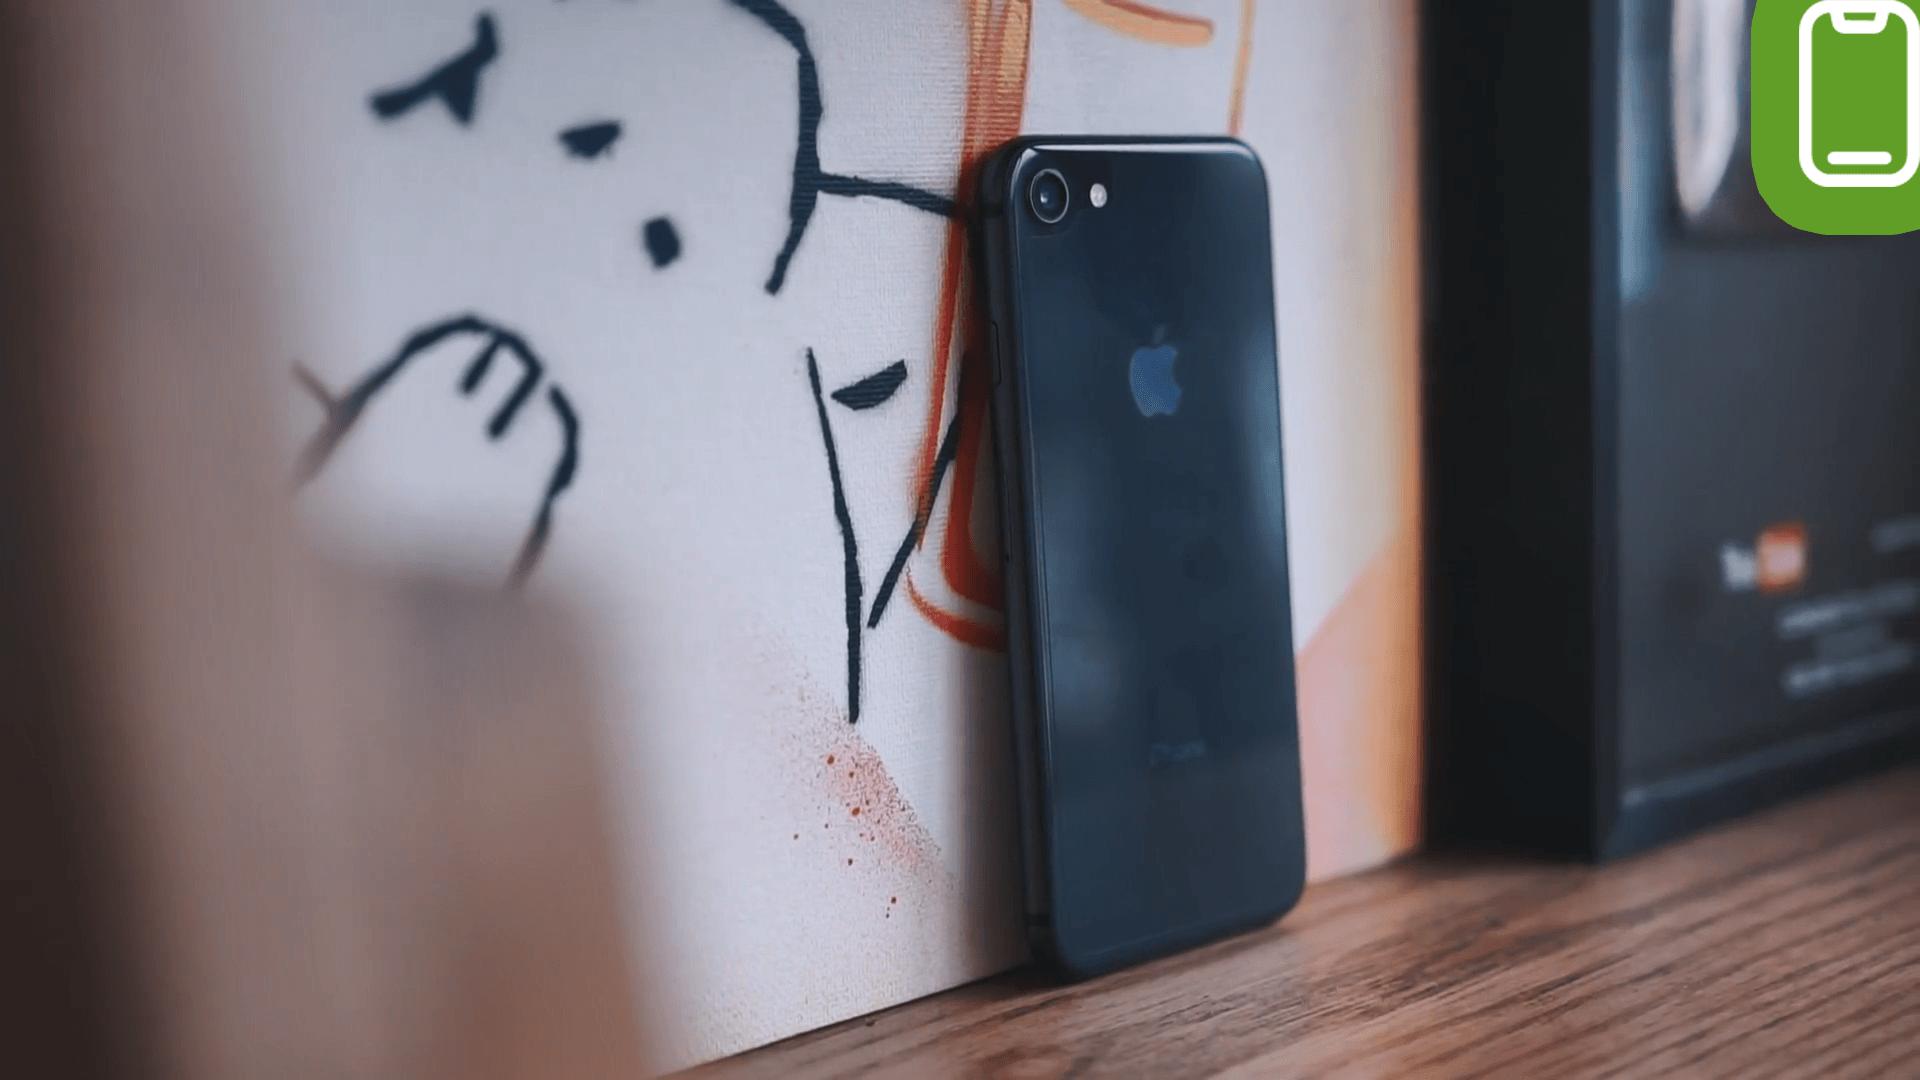 Đánh giá chi tiết iPhone 8 - Ảnh 4